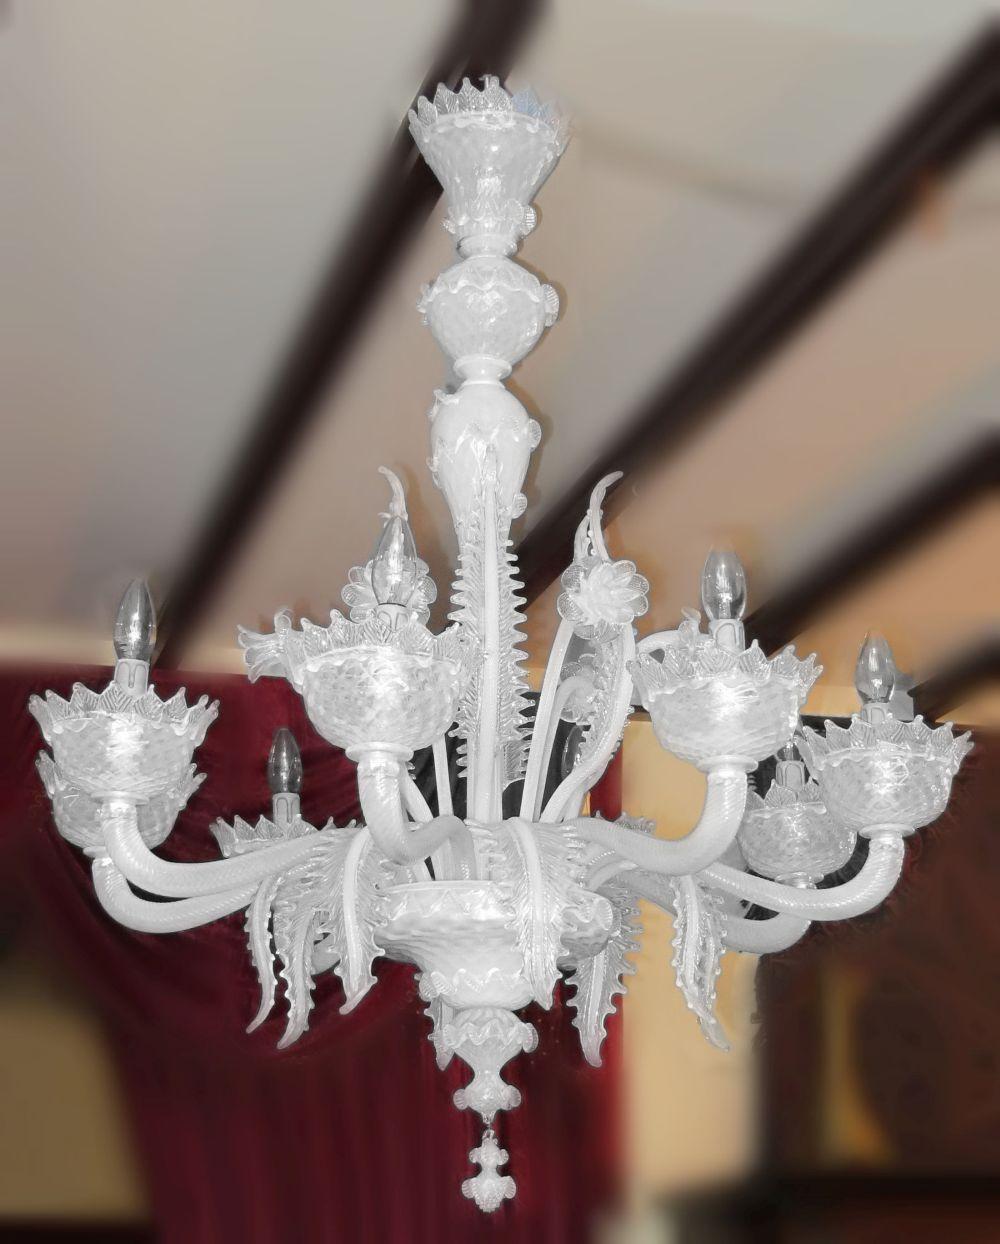 Murano 8-light hanging fixture